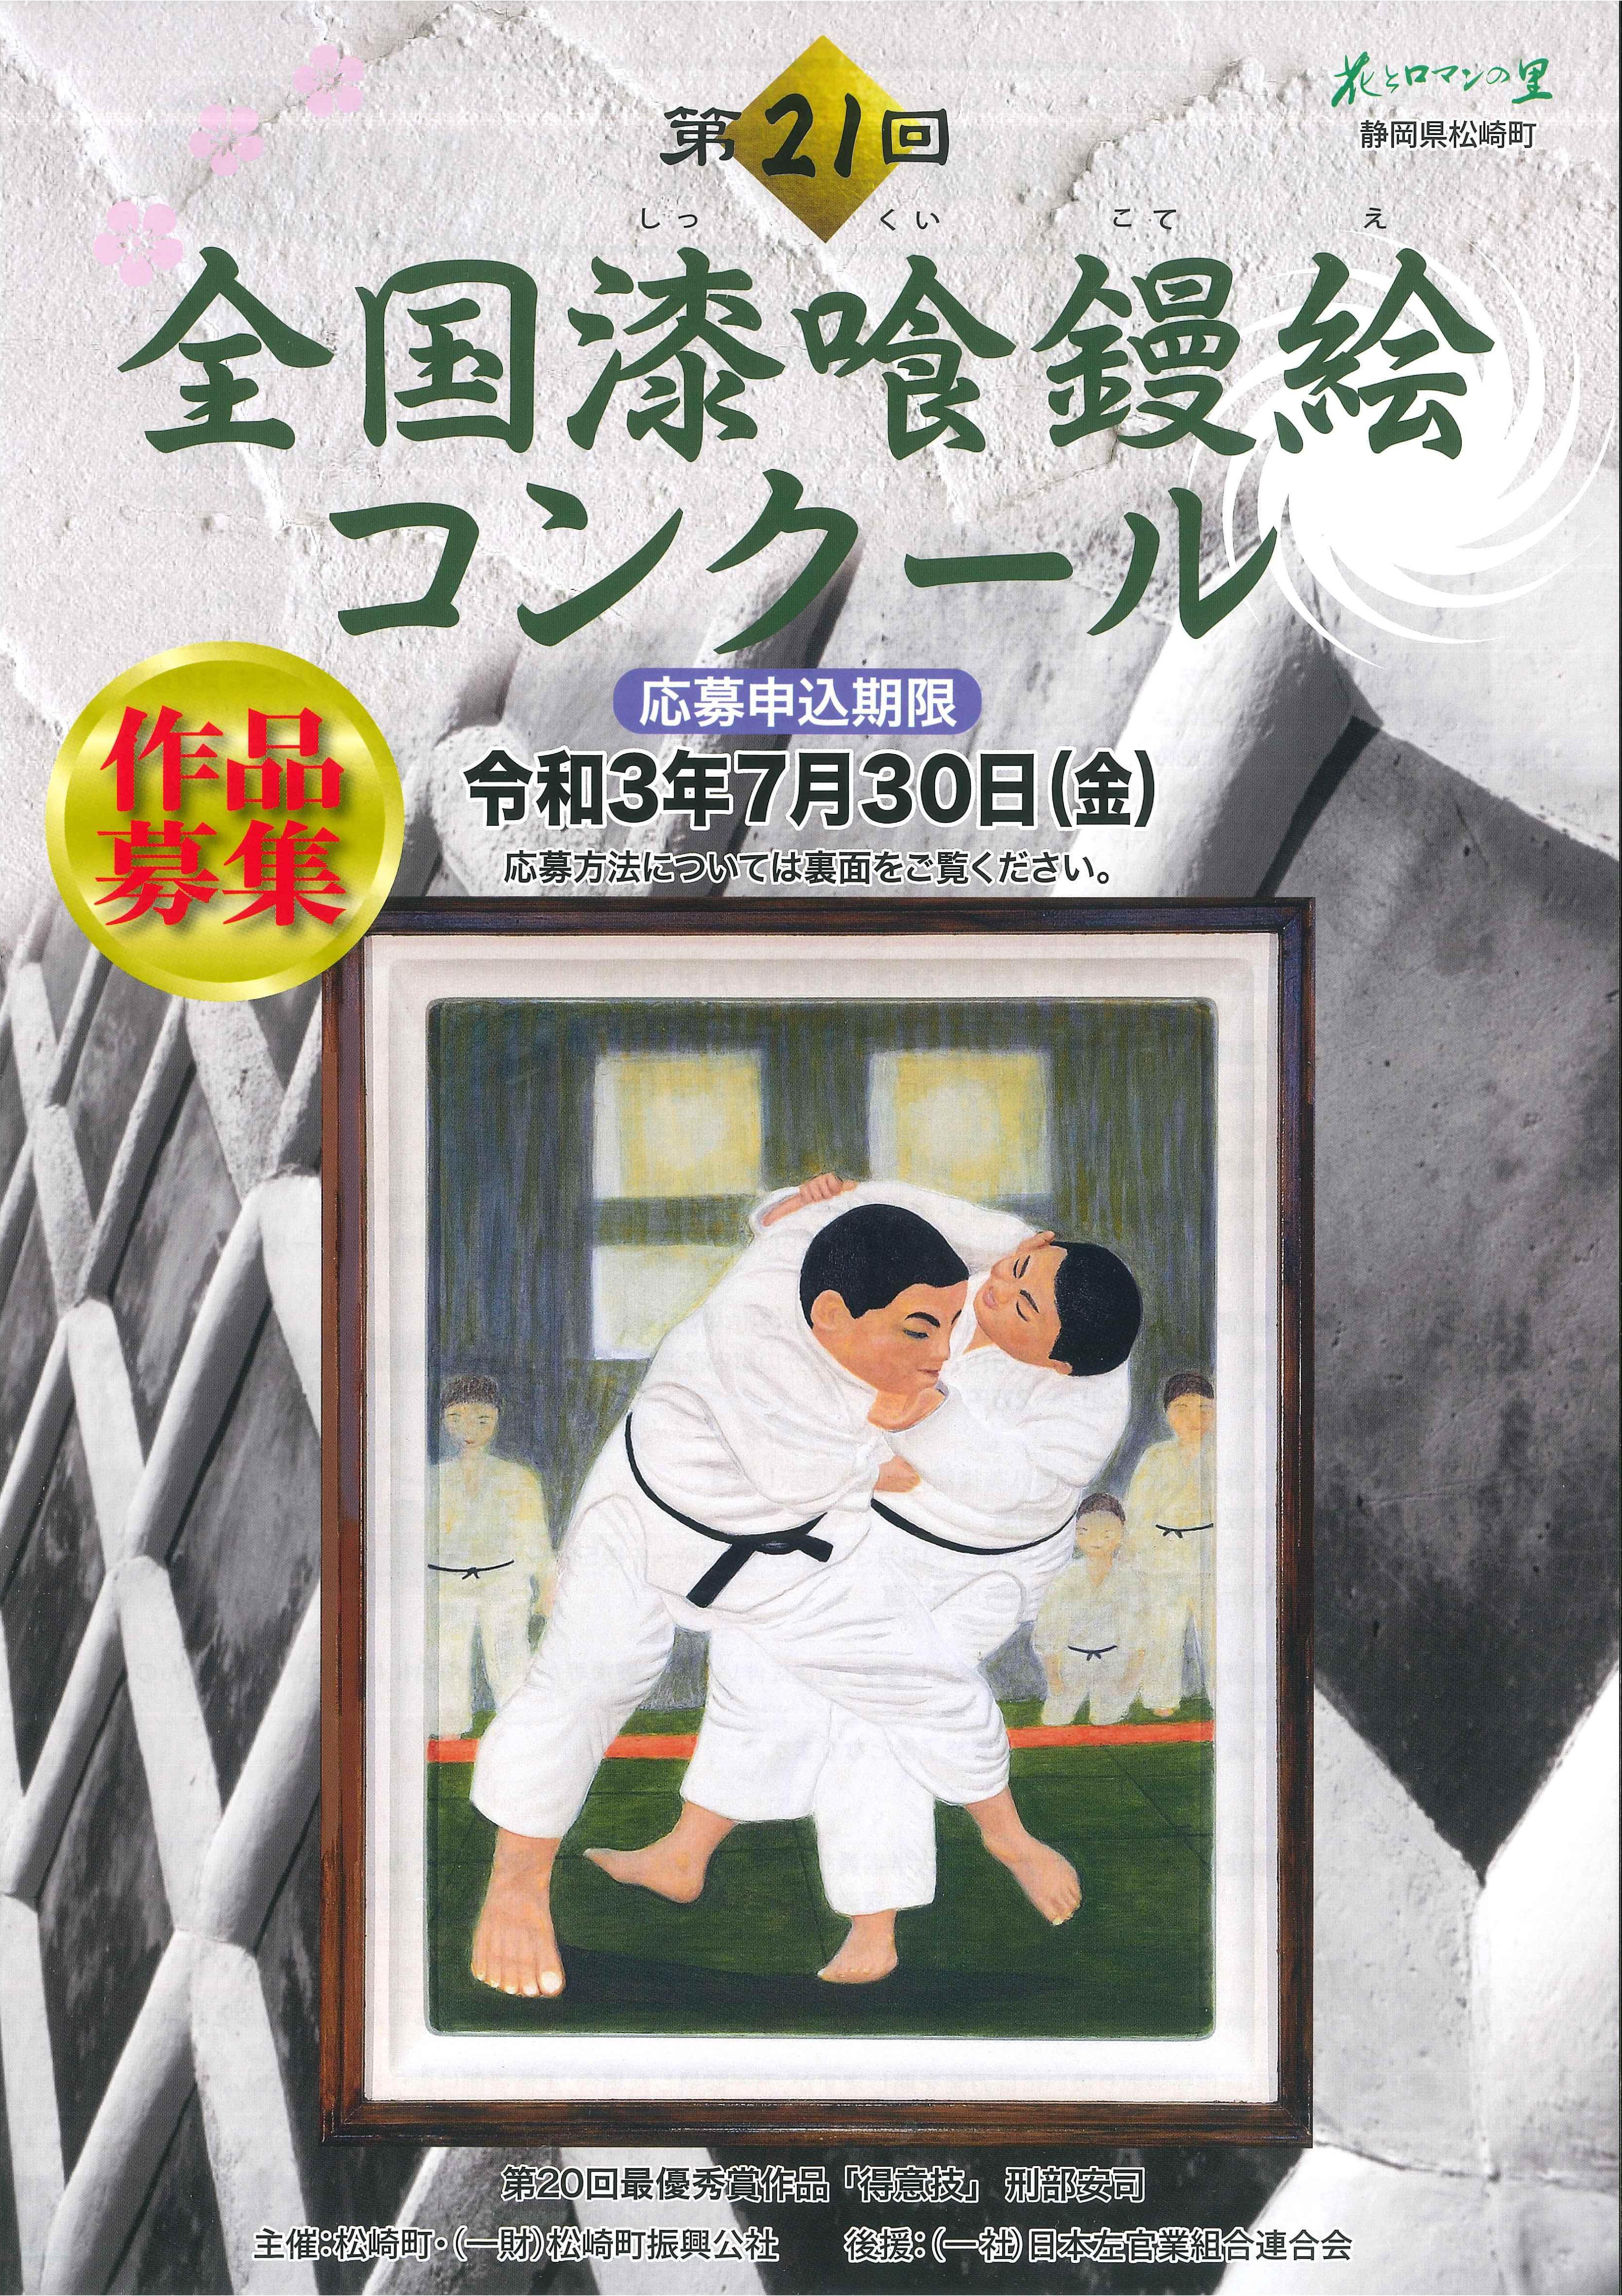 R3boshuuyoukou-01.jpg